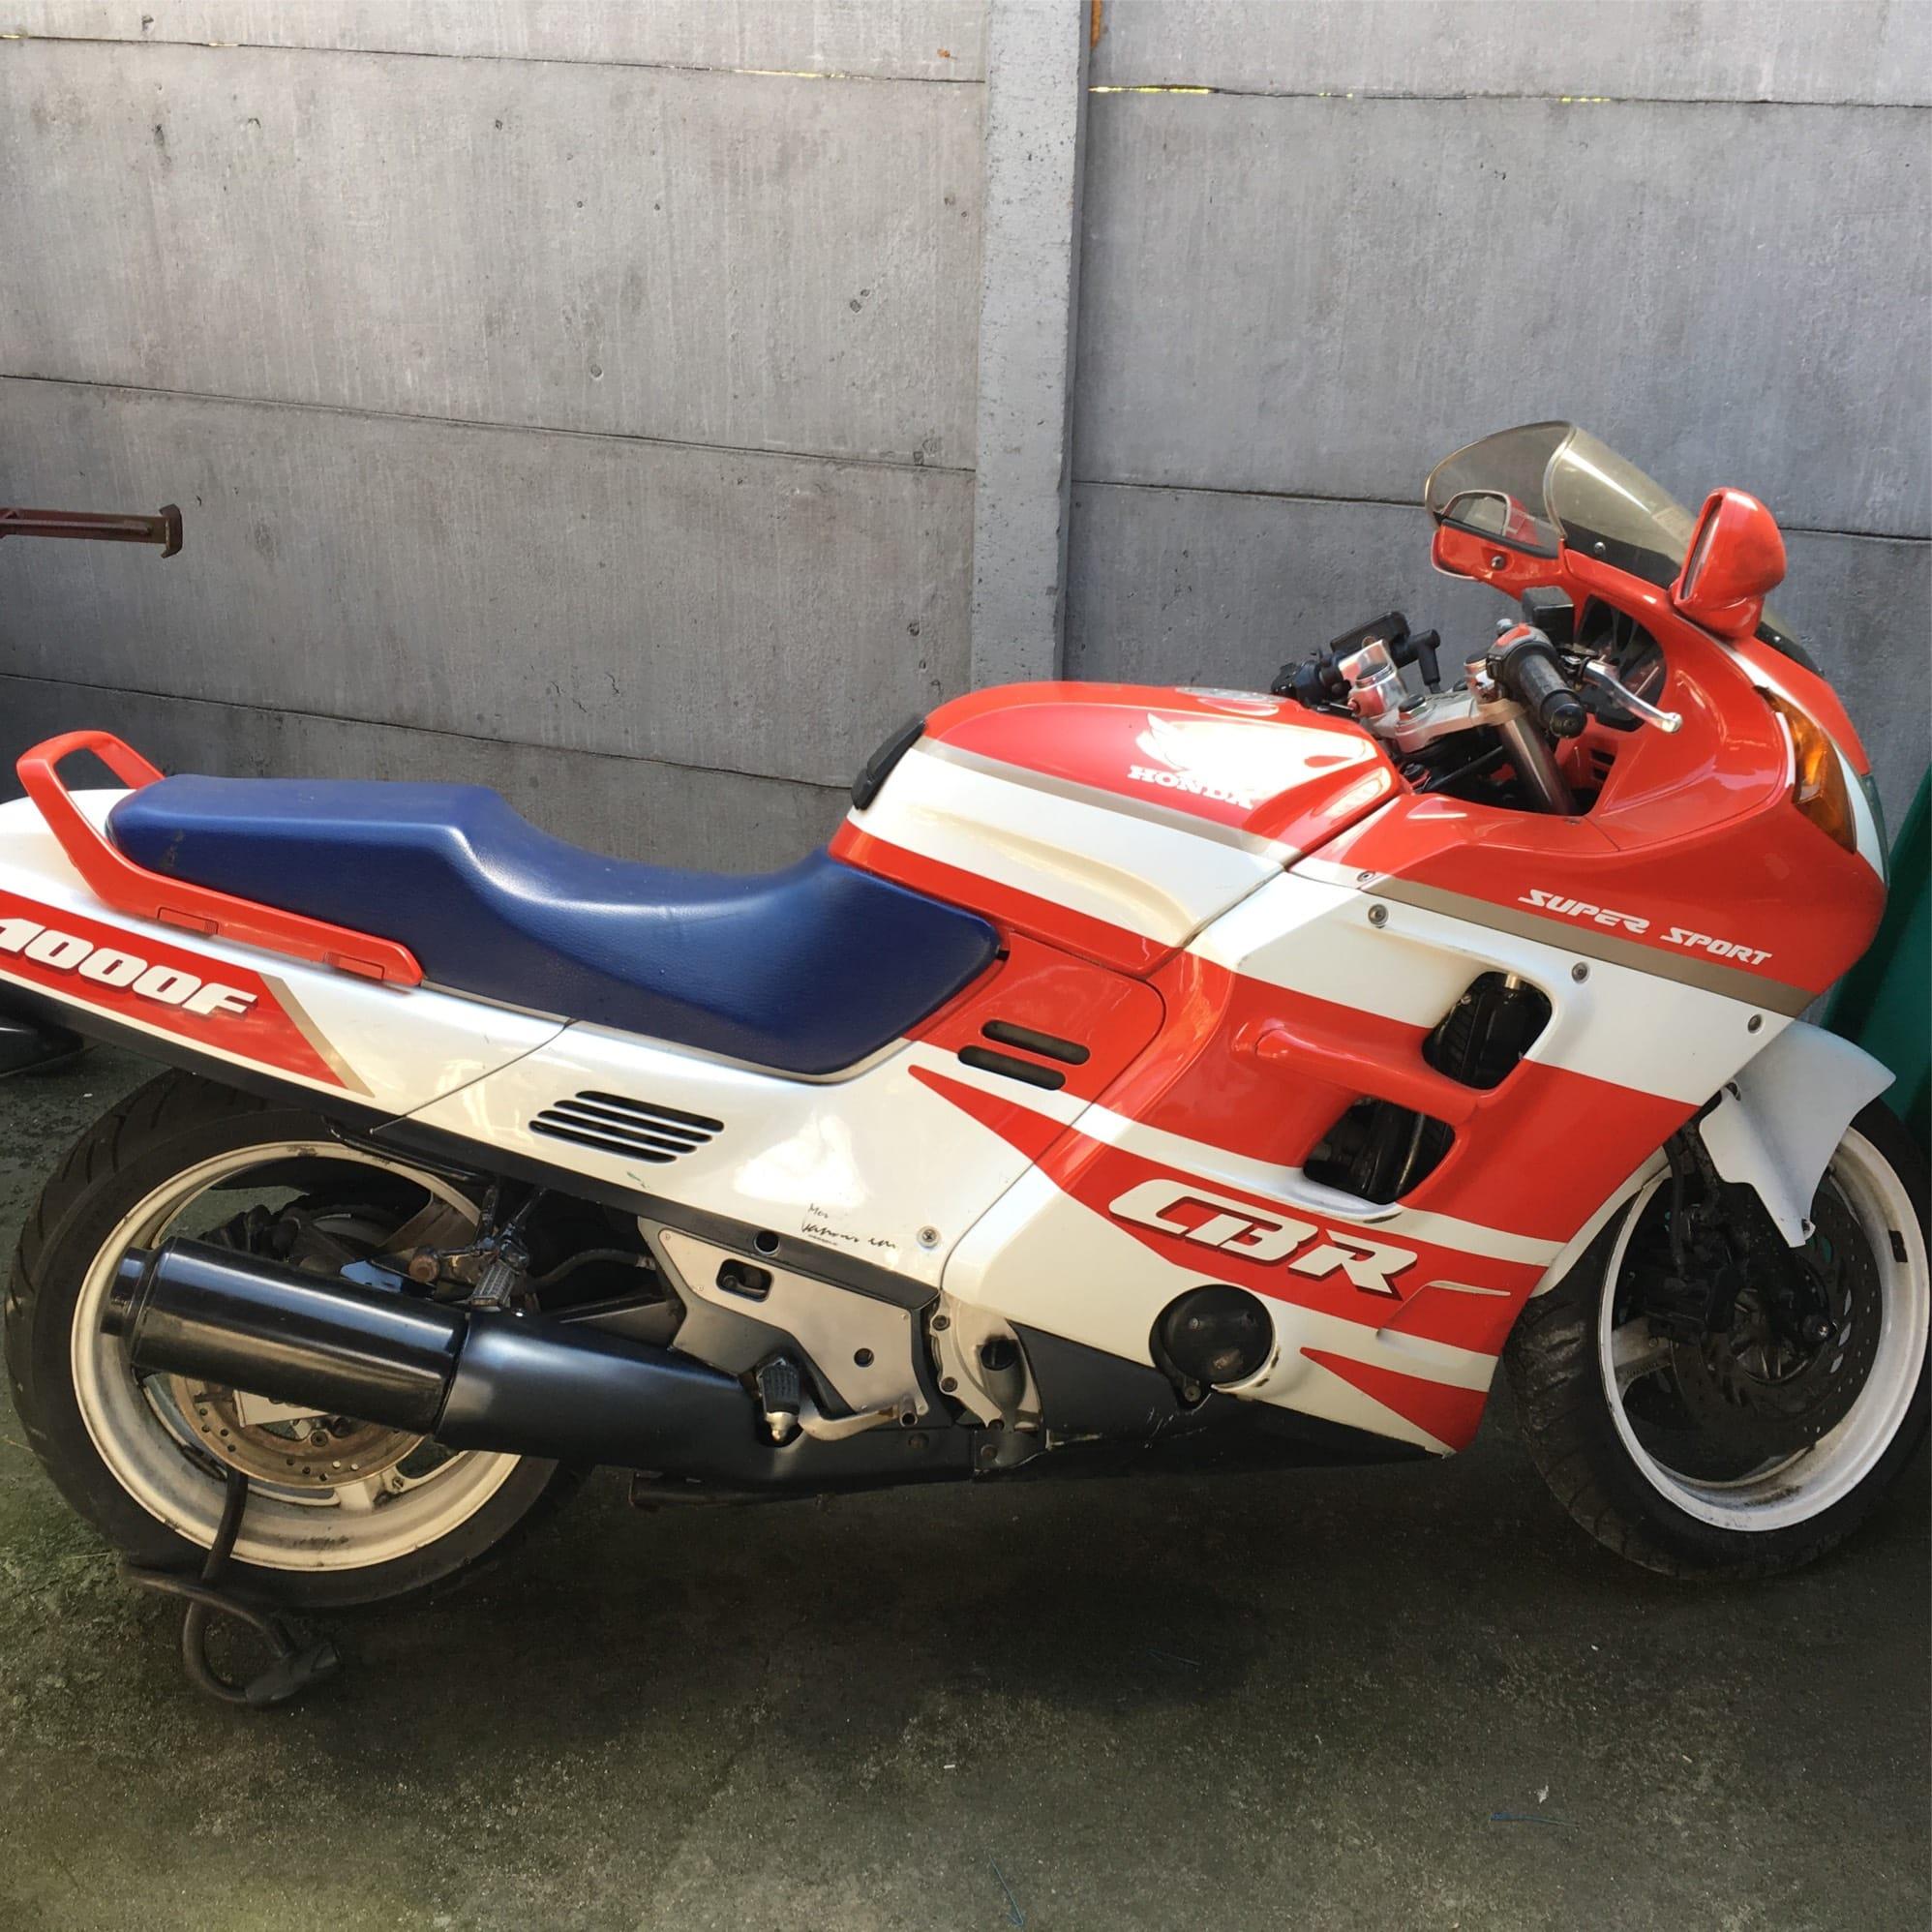 Licytacja komornicza motocyklu